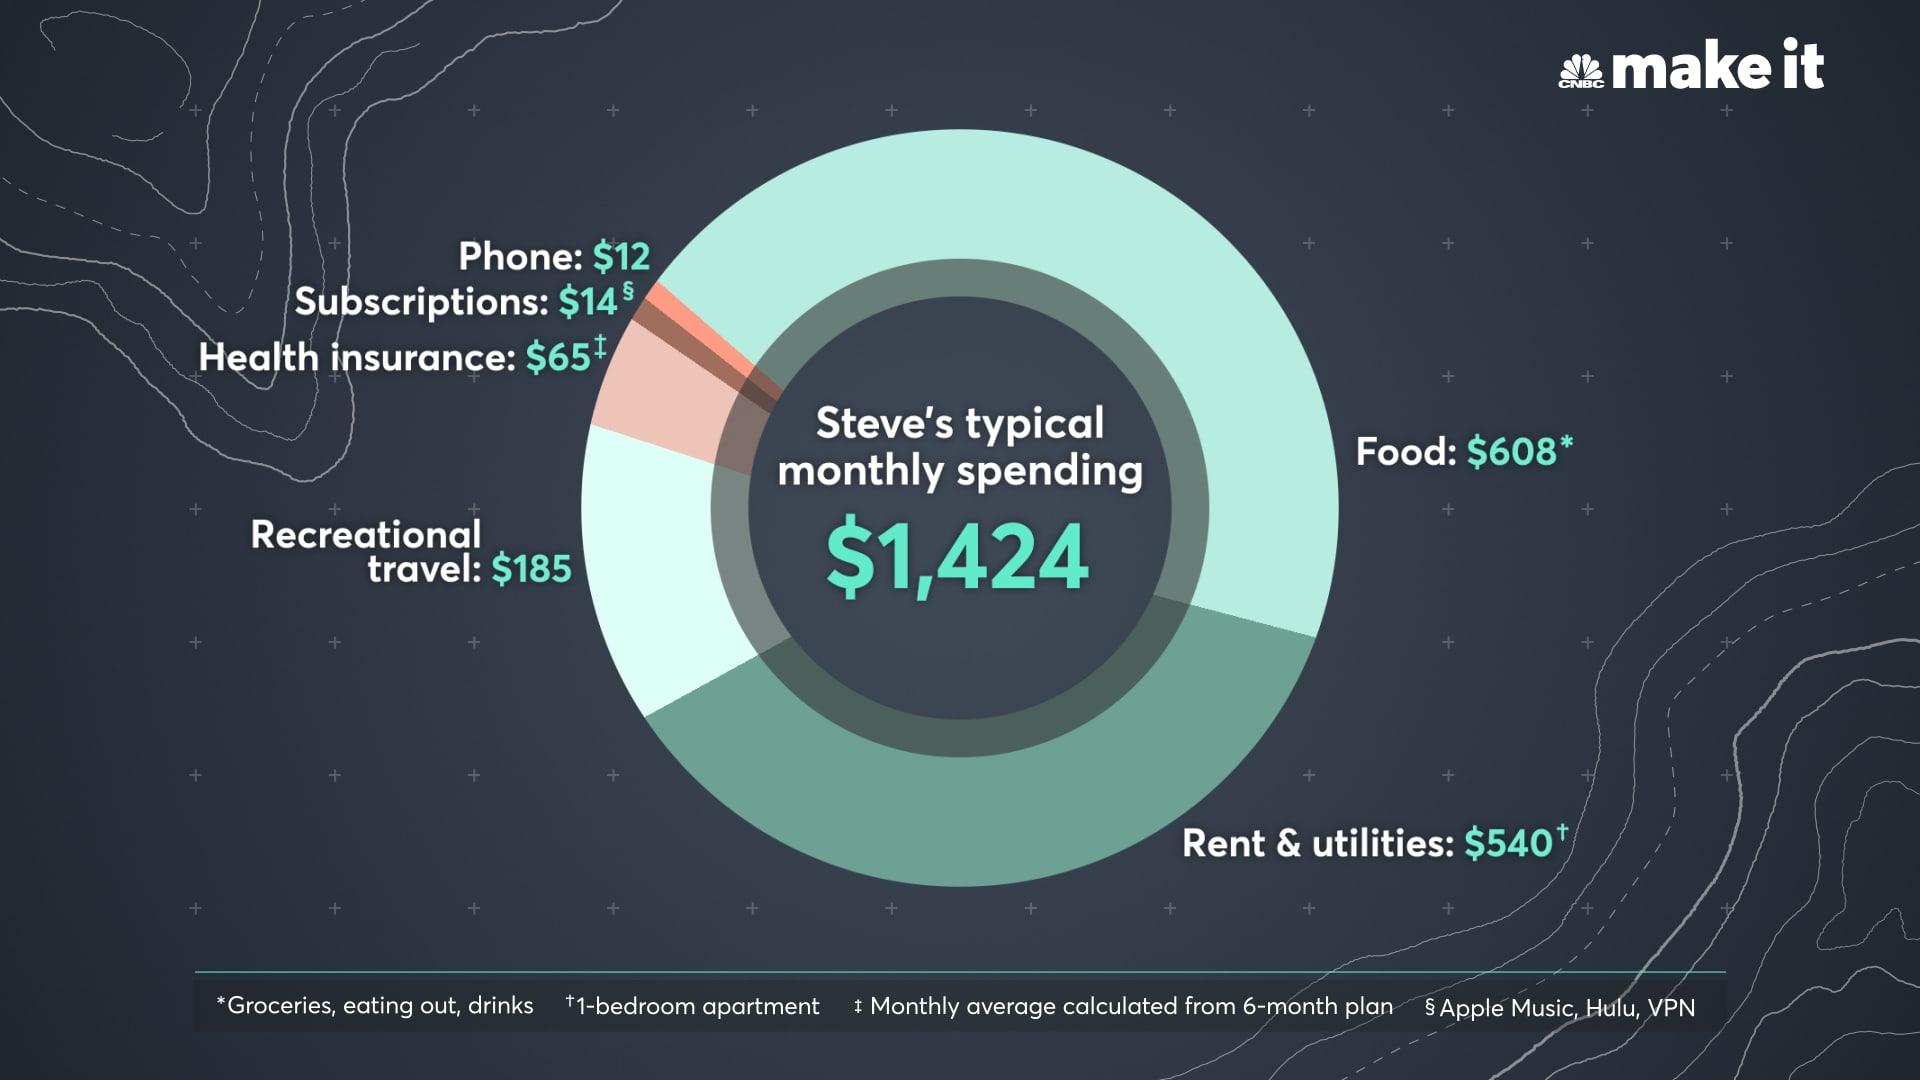 Steve Tsentserensky's average monthly spending